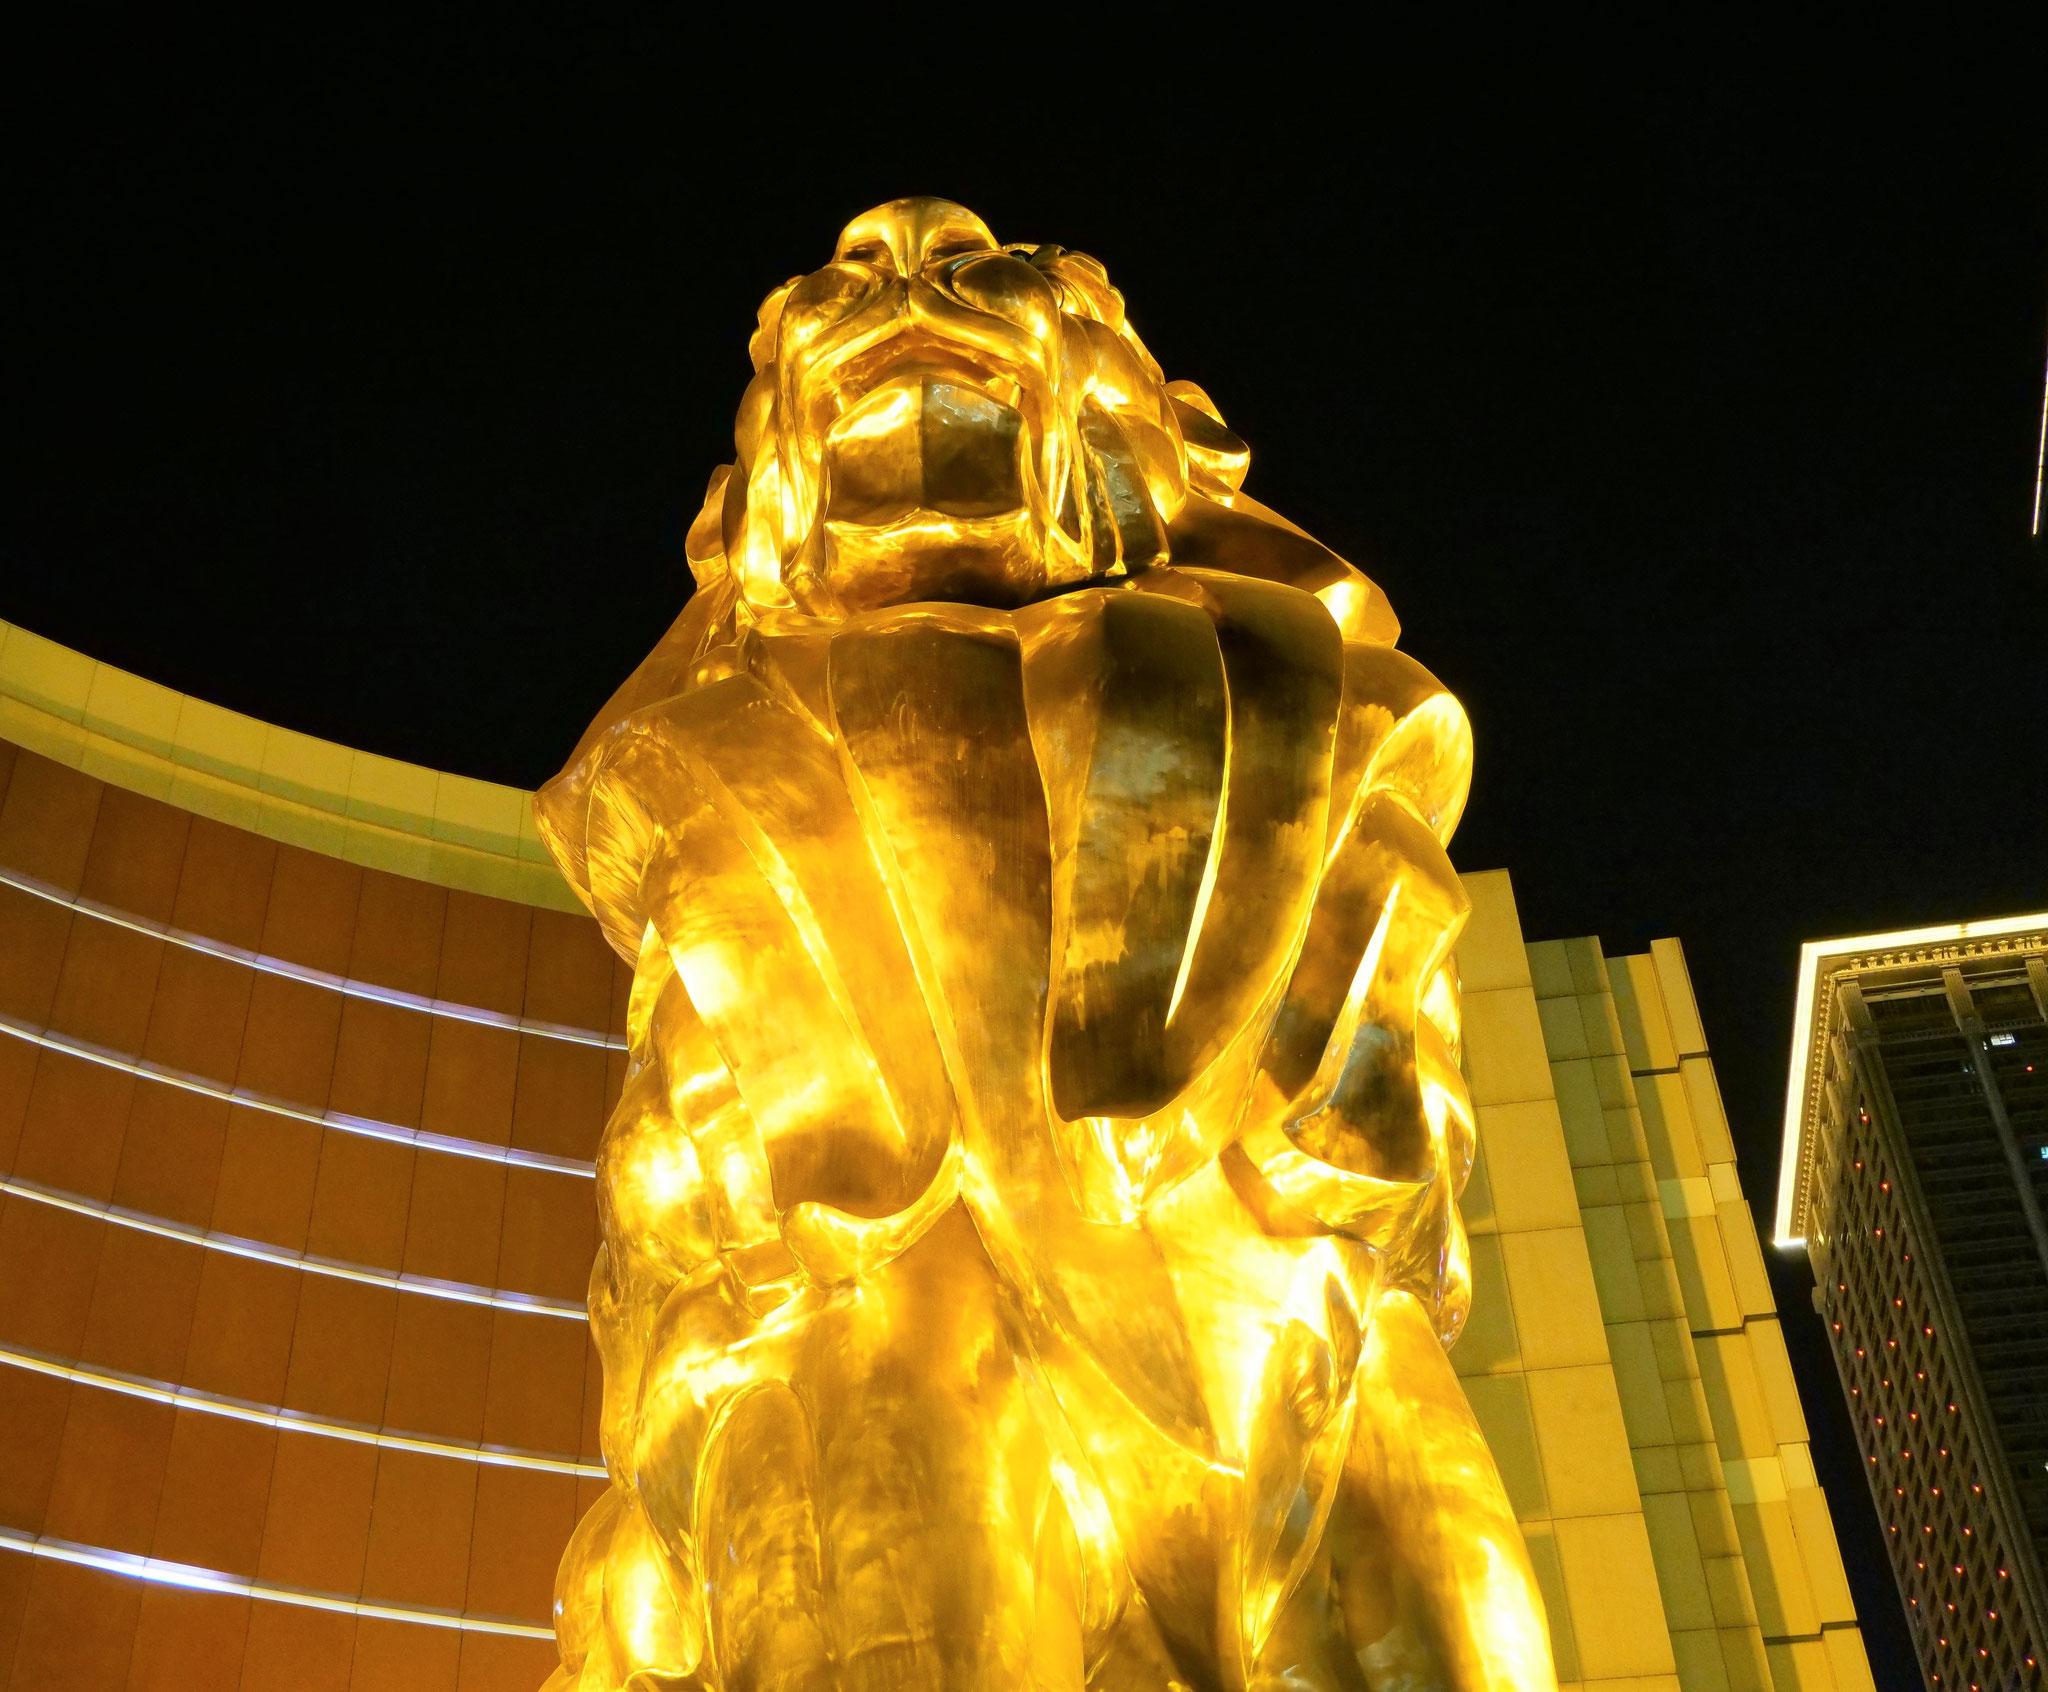 MGMのシンボル『ライオン』。MGMと言えばベガスの会場が超有名ですね。